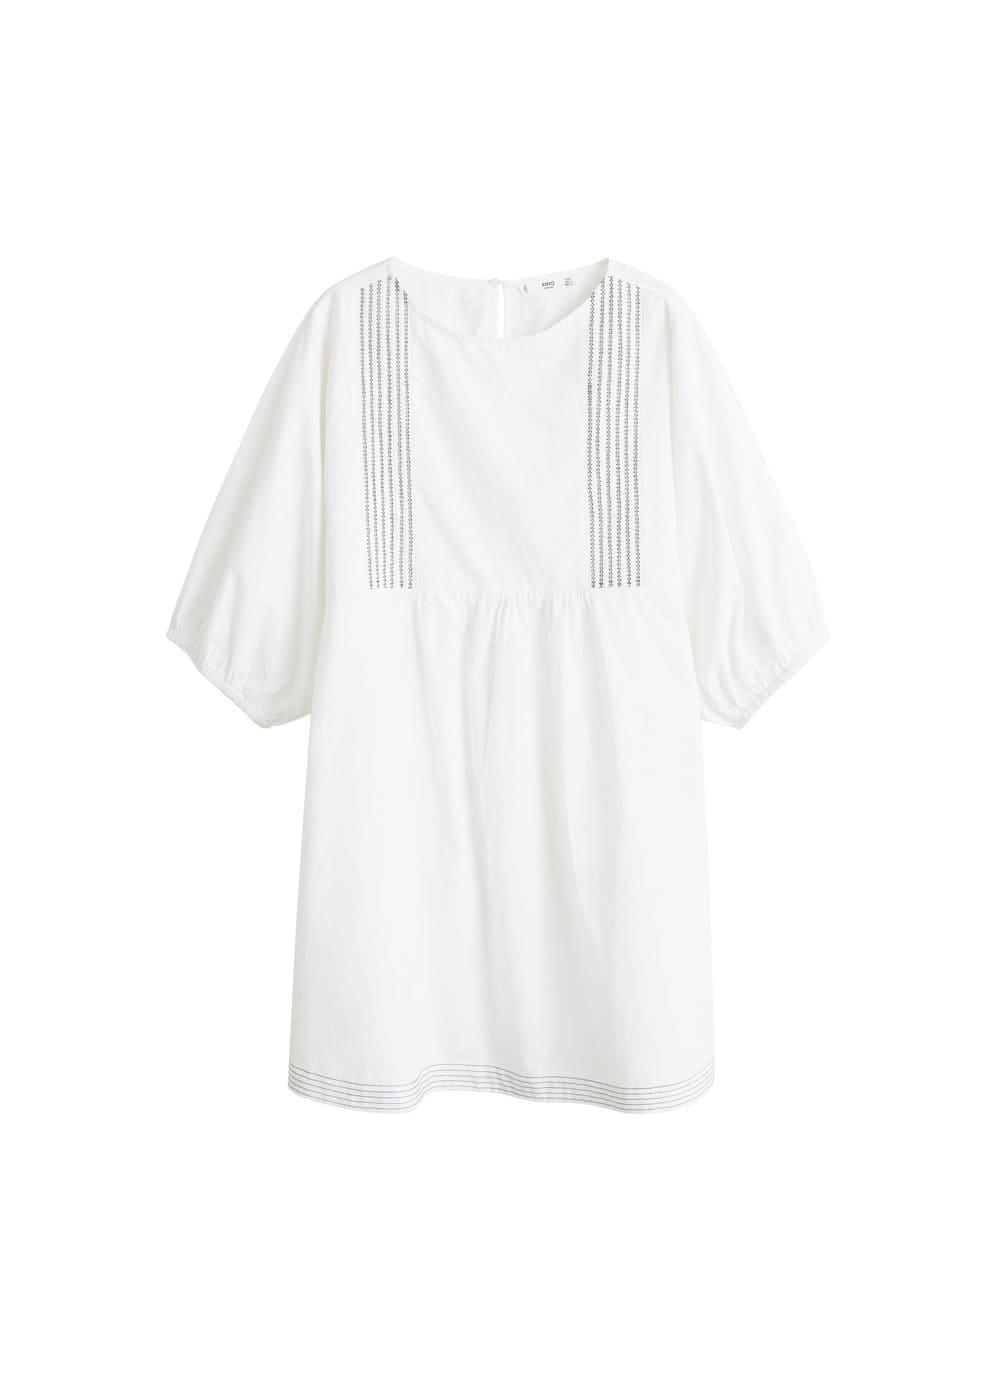 m-salt-h:vestido corto bordado